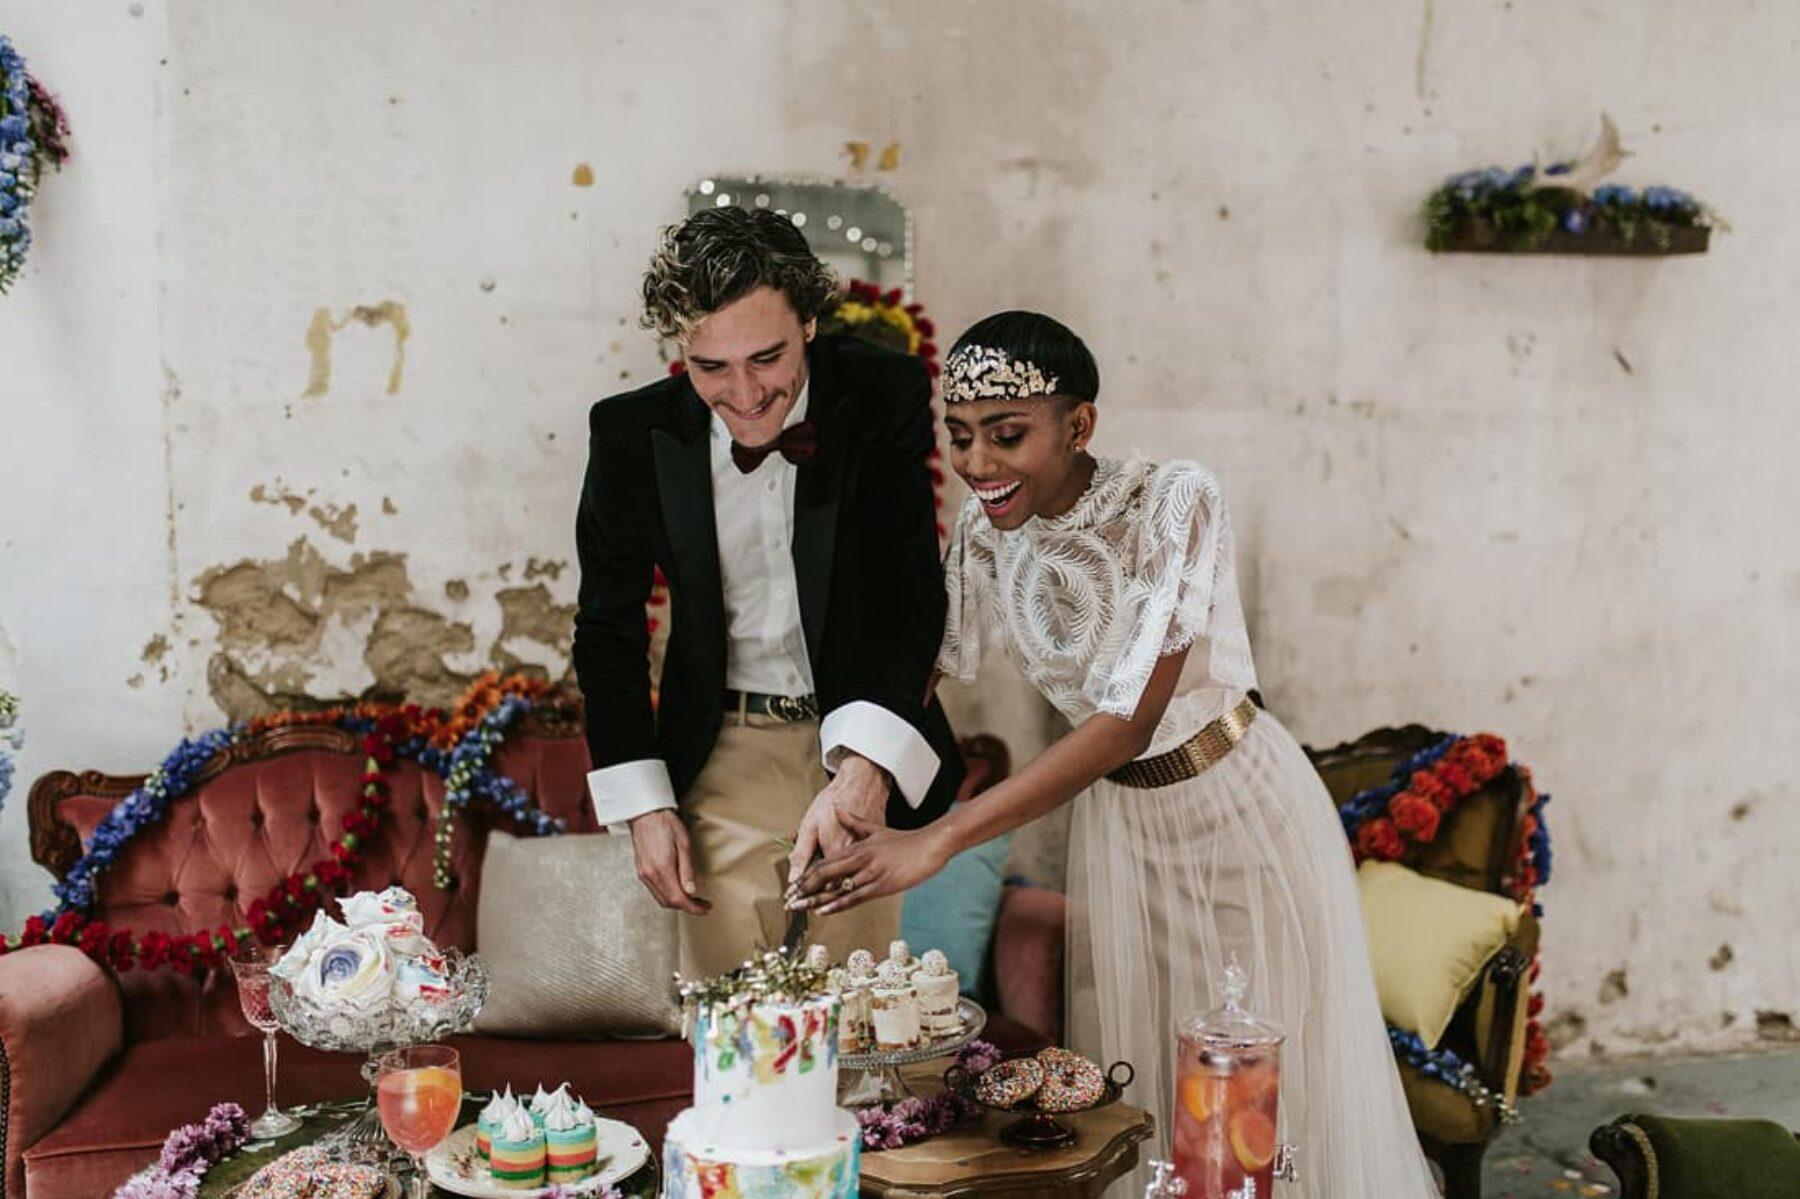 Colour Explosion - vitage/industrial wedding at Church of Bang Bang Boogaloo